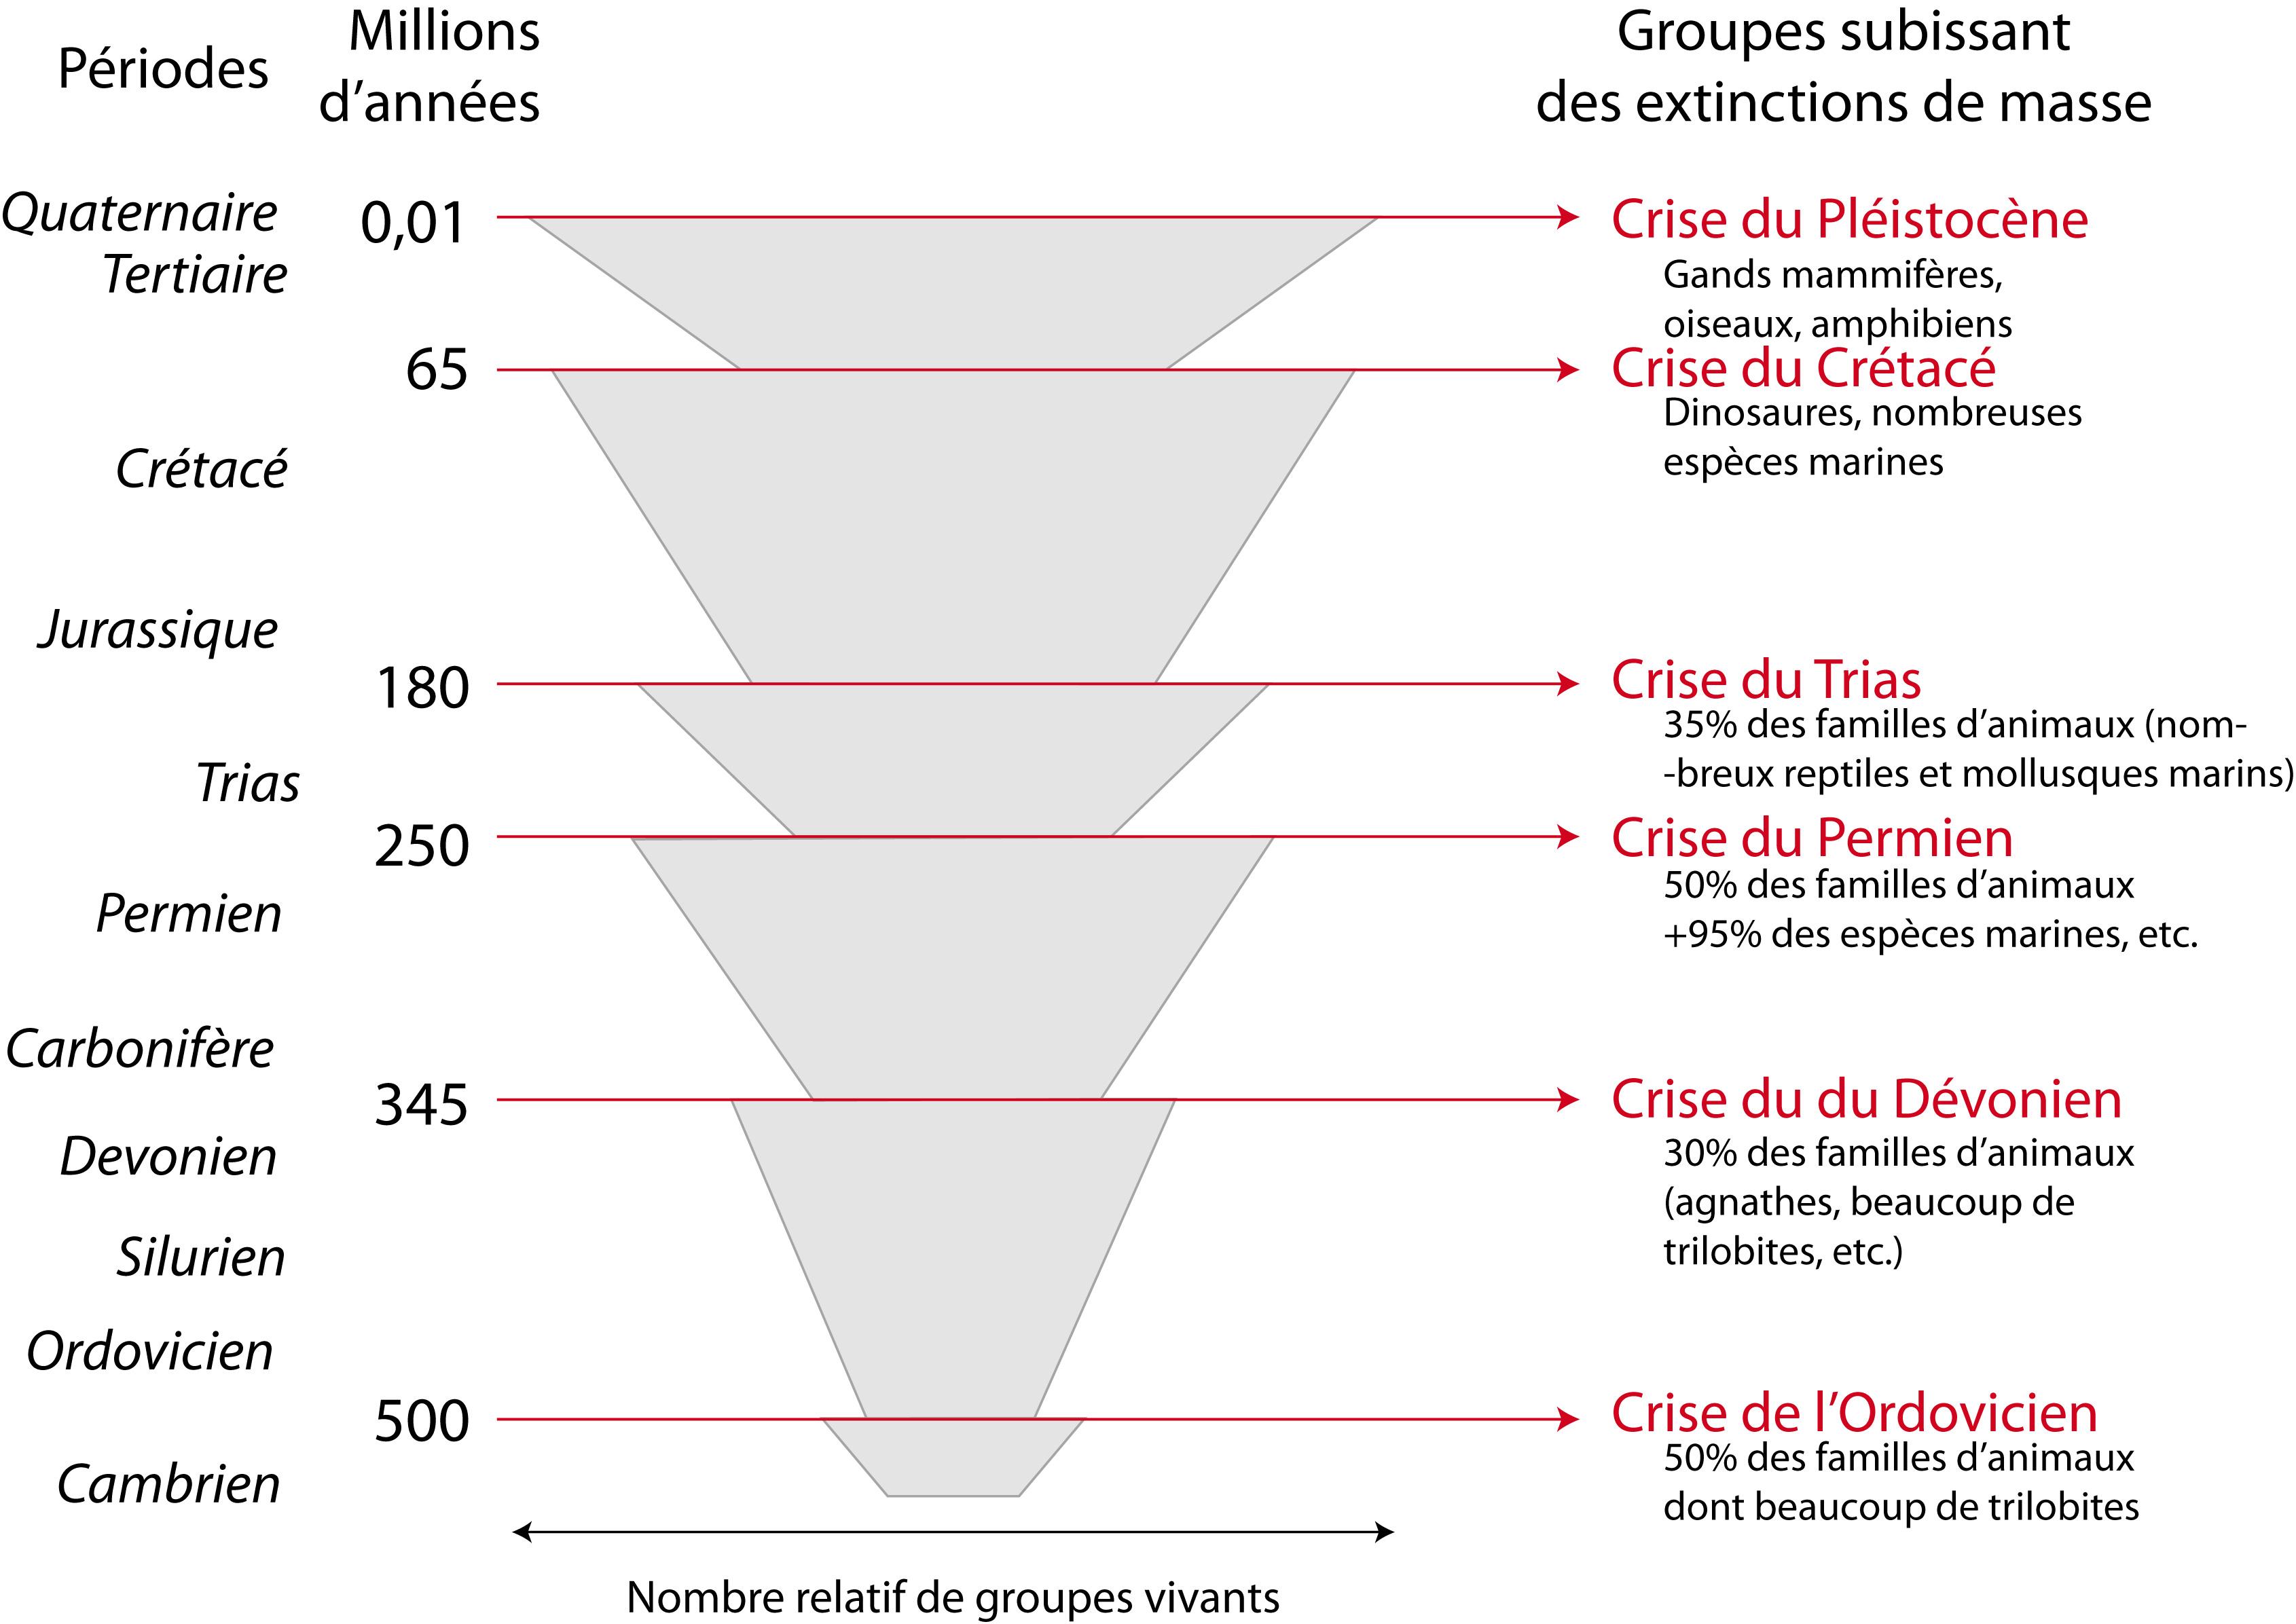 6 crises d'extinction